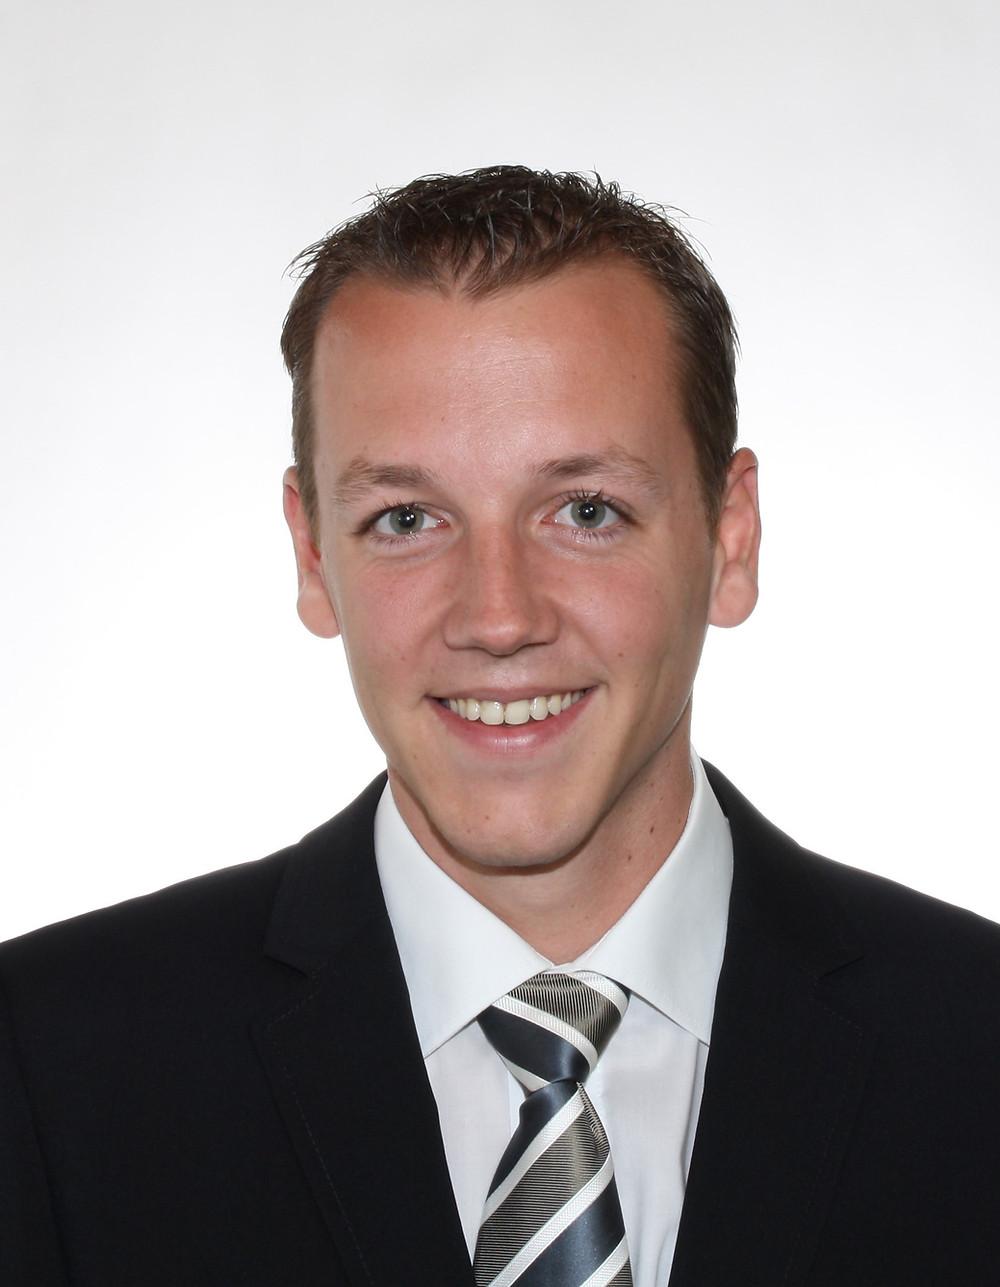 Jens Diefenbach, 1. Vorsitzender des Gewerbekreises in Aarbergen